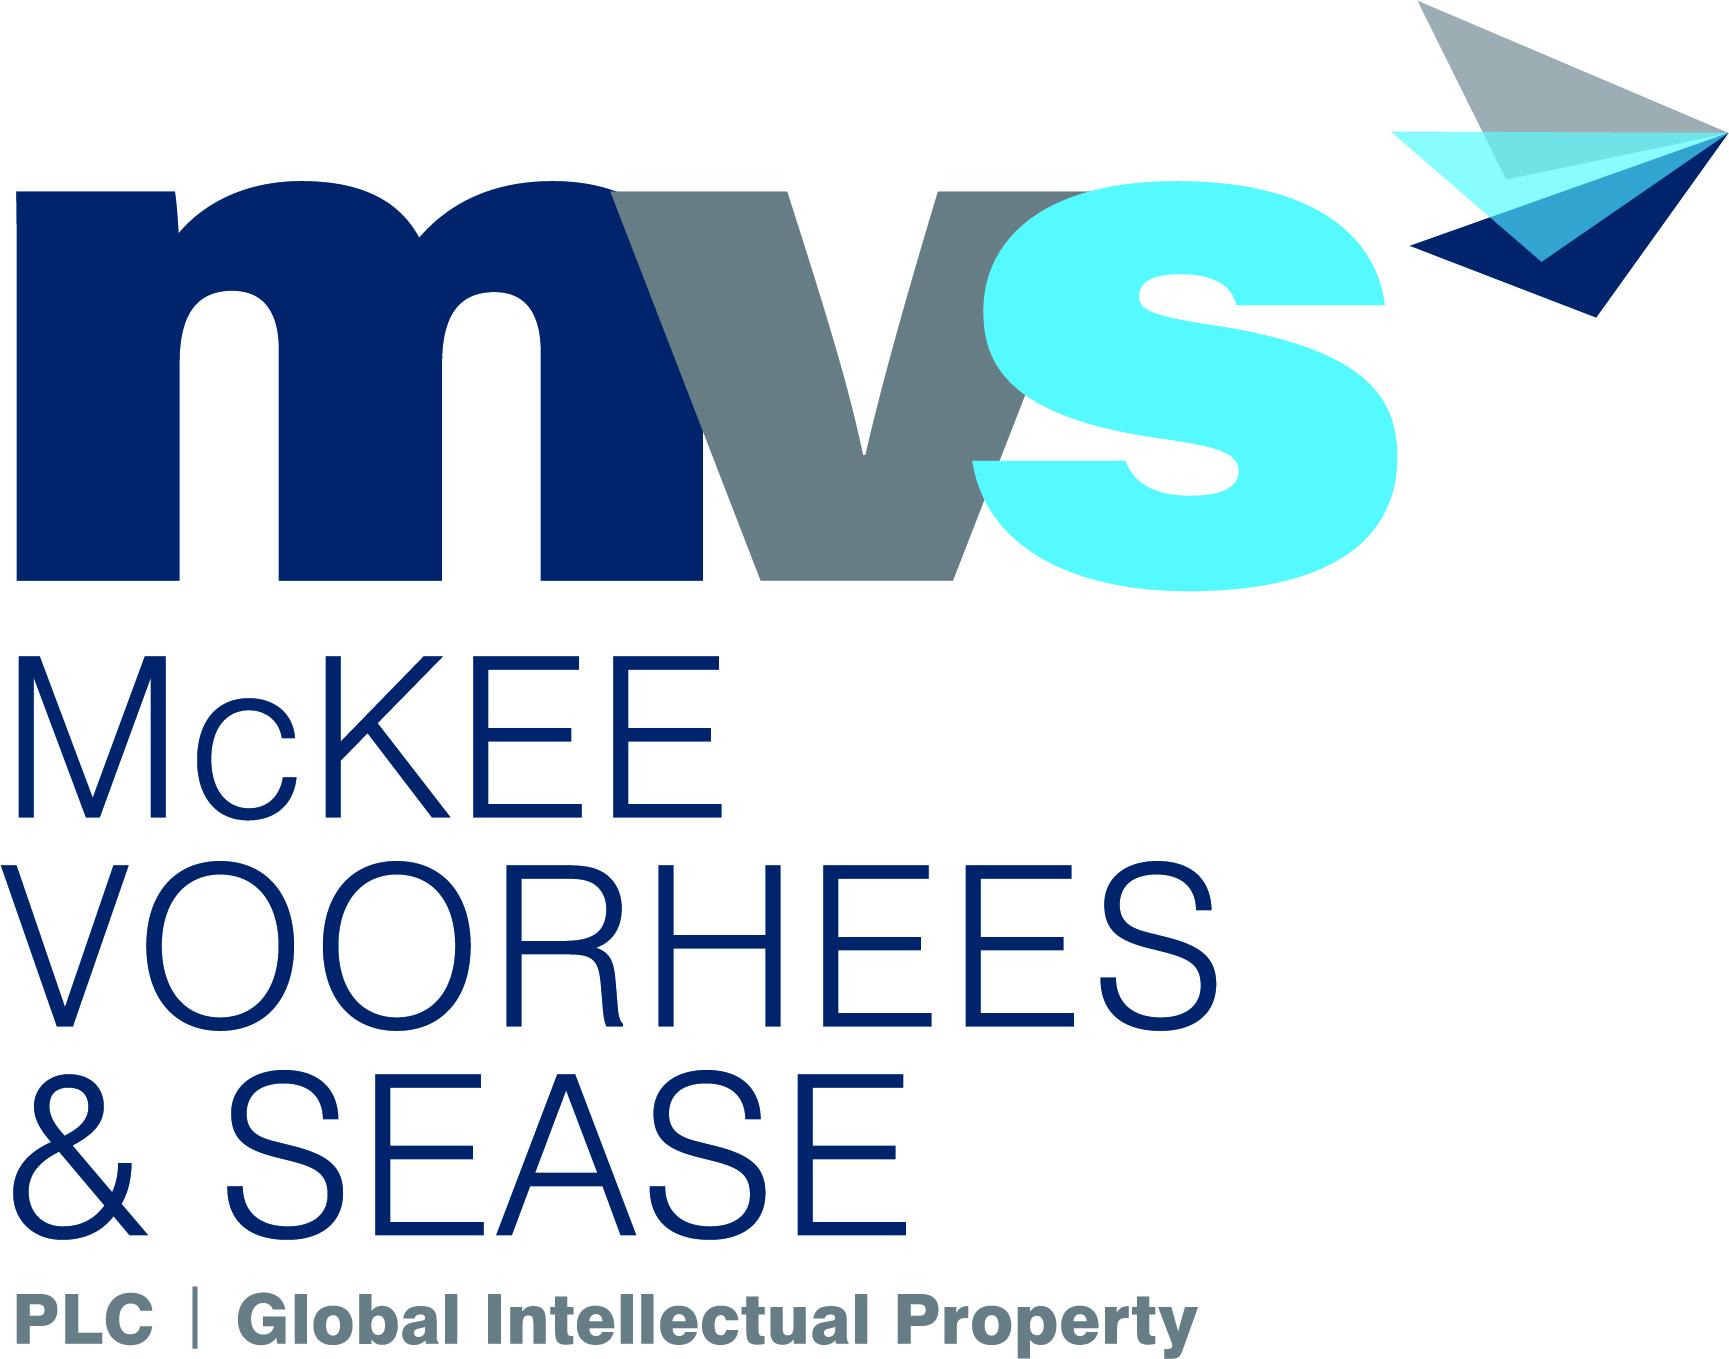 McKee, Voorhees & Sease, PLC